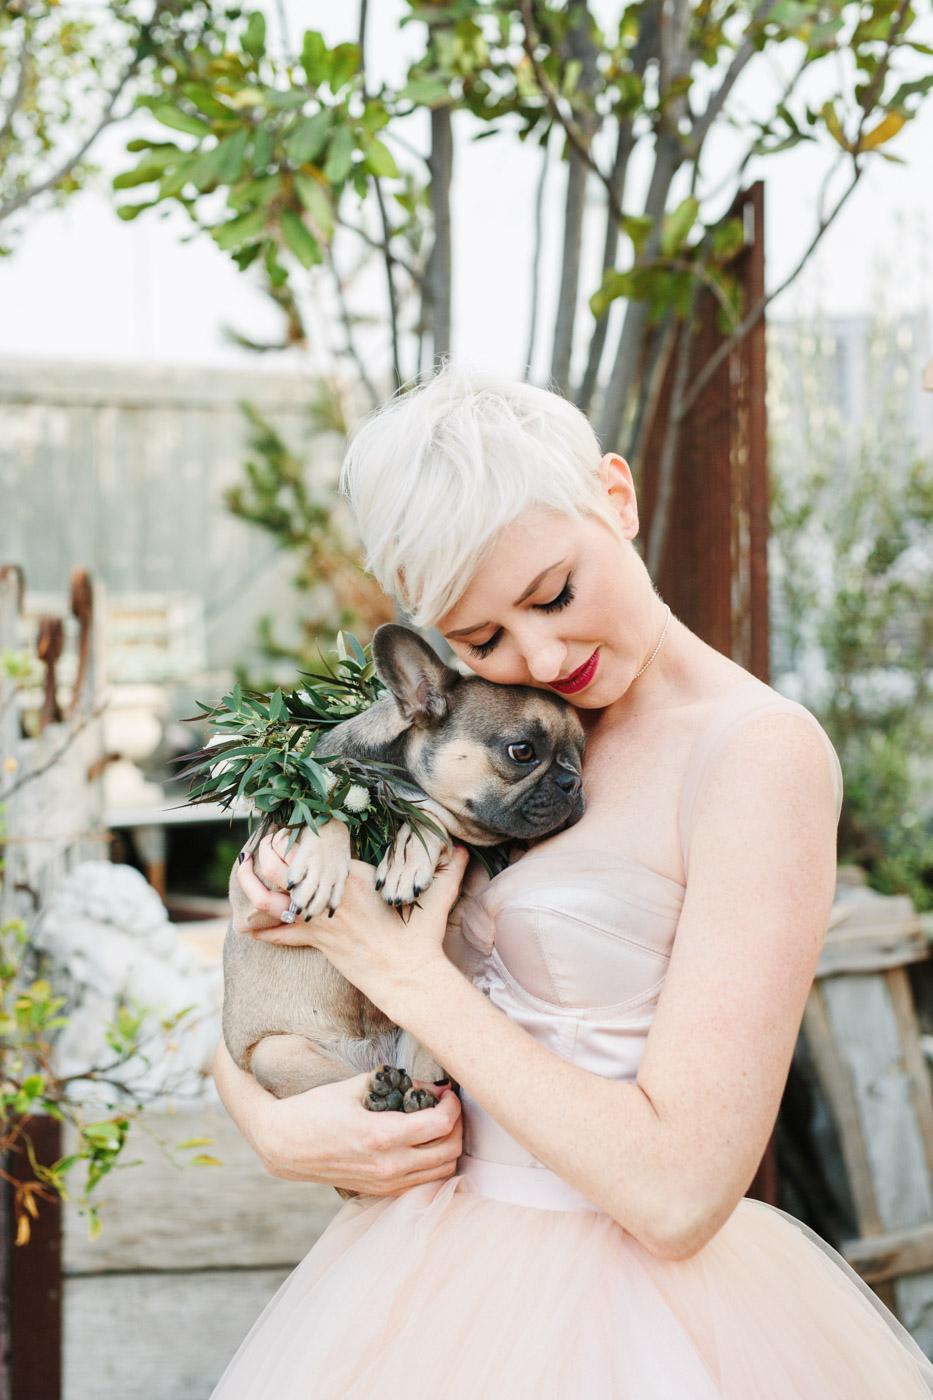 Bruid met haar hondje in haar armen